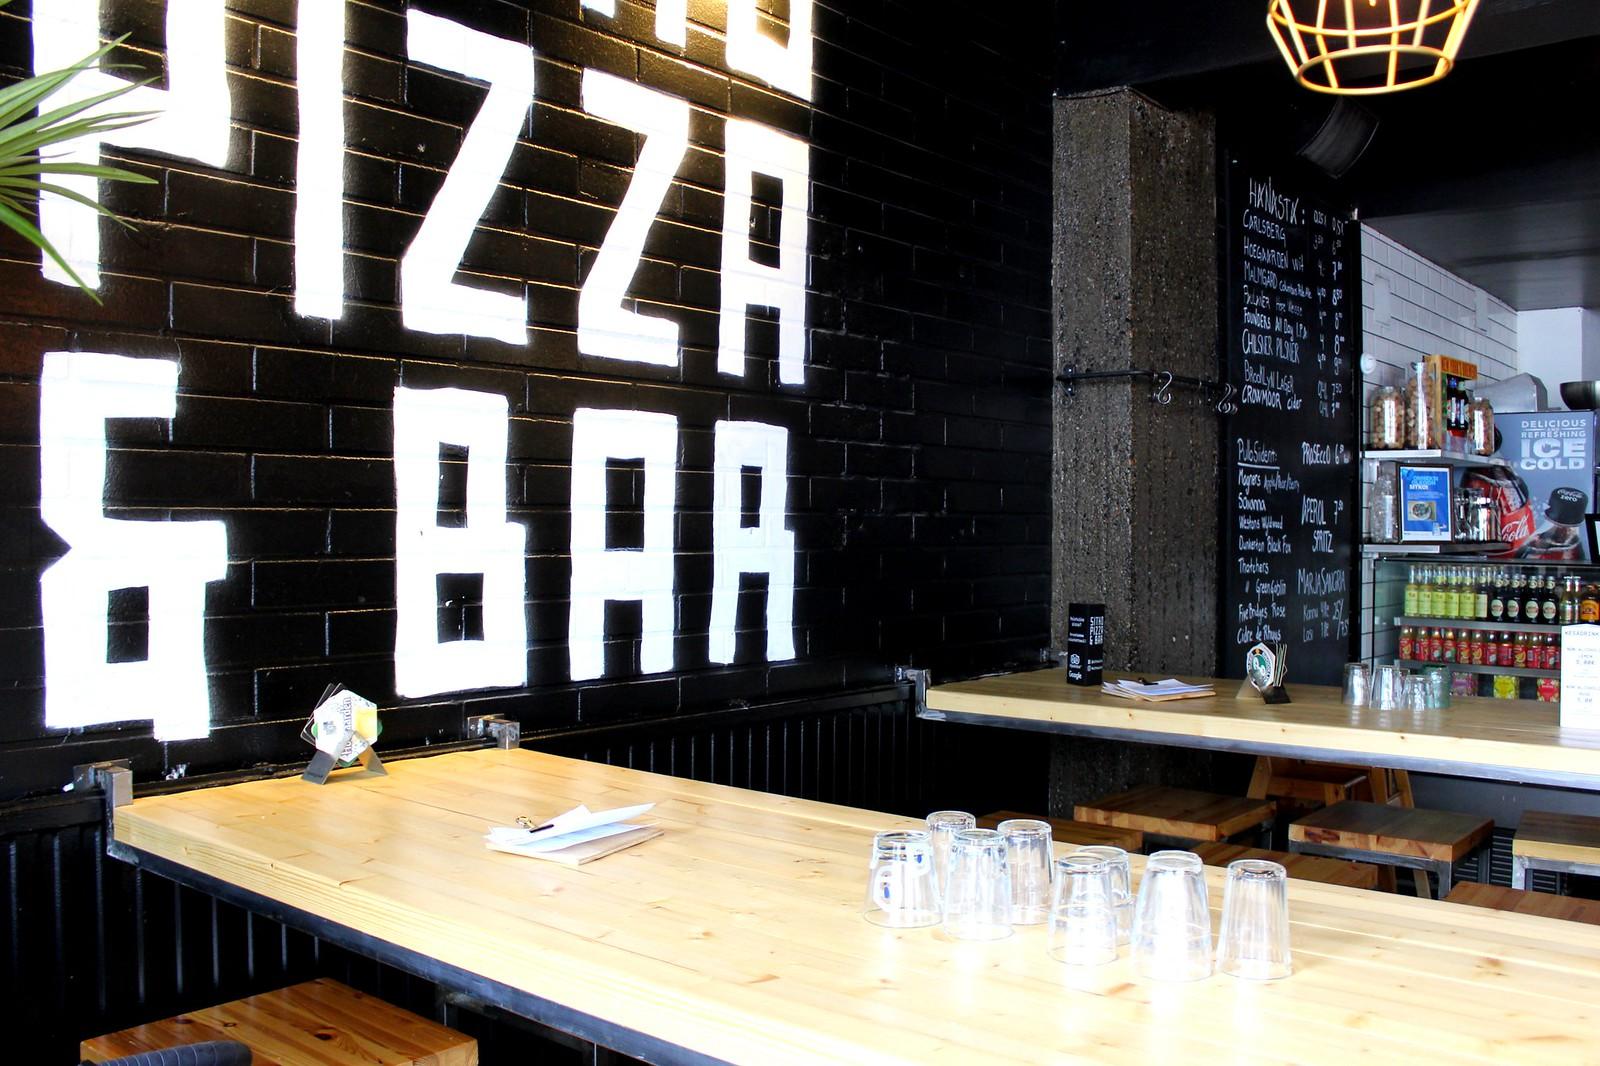 Sitko pizzeria2